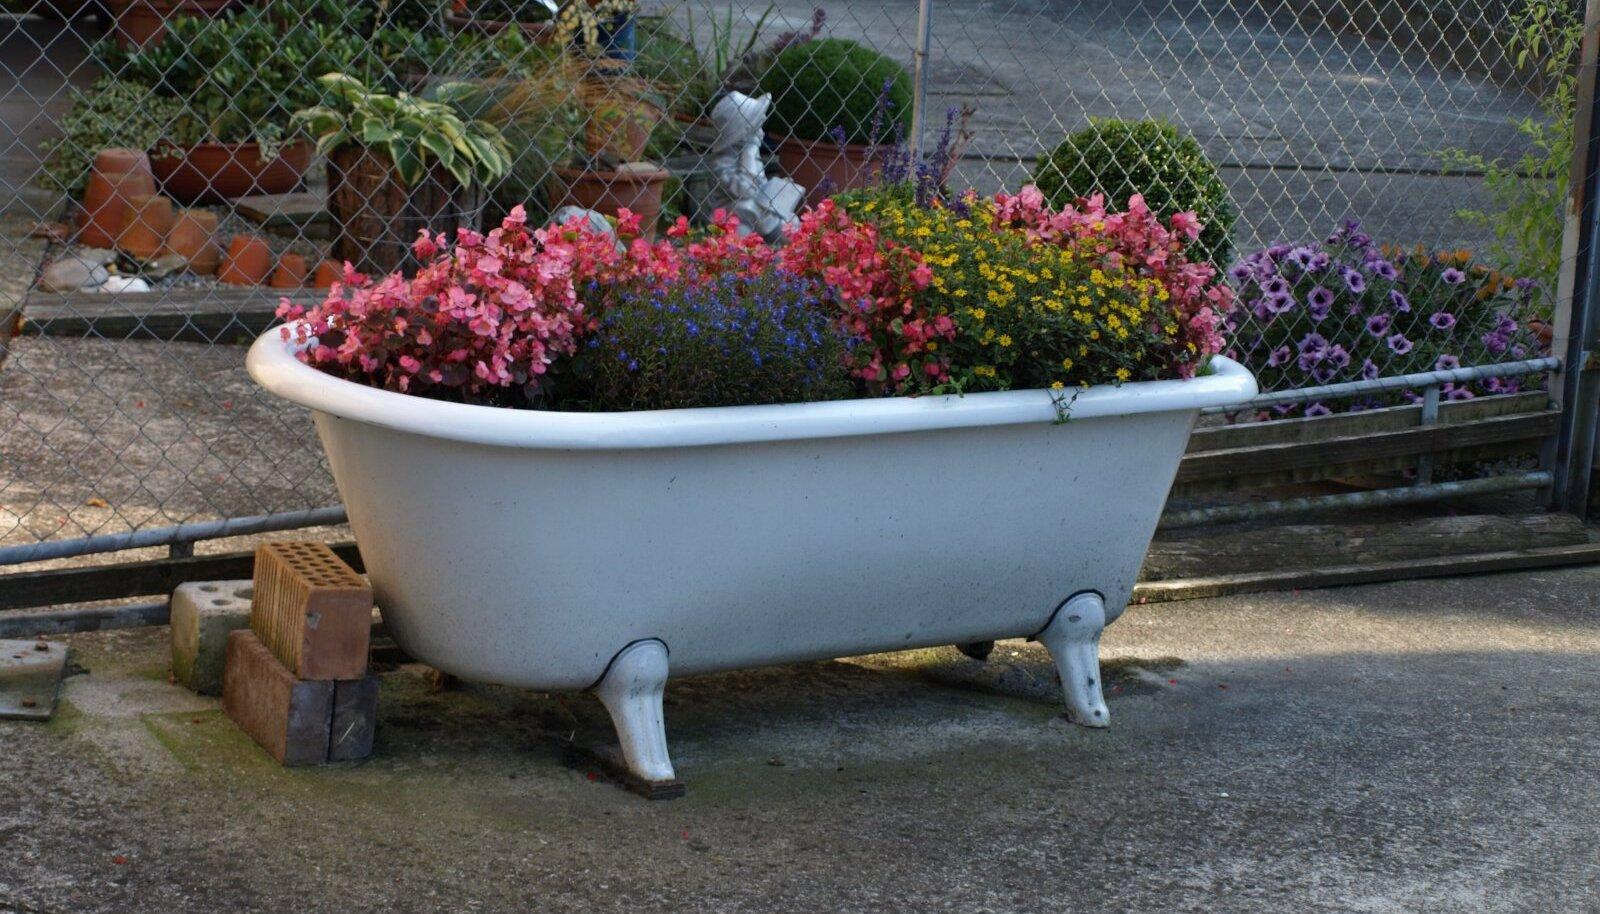 Kui vana vann ei ole veel vanaraua kokkuostu jõudnud, võib sel suvel seal lilli kasvatada.